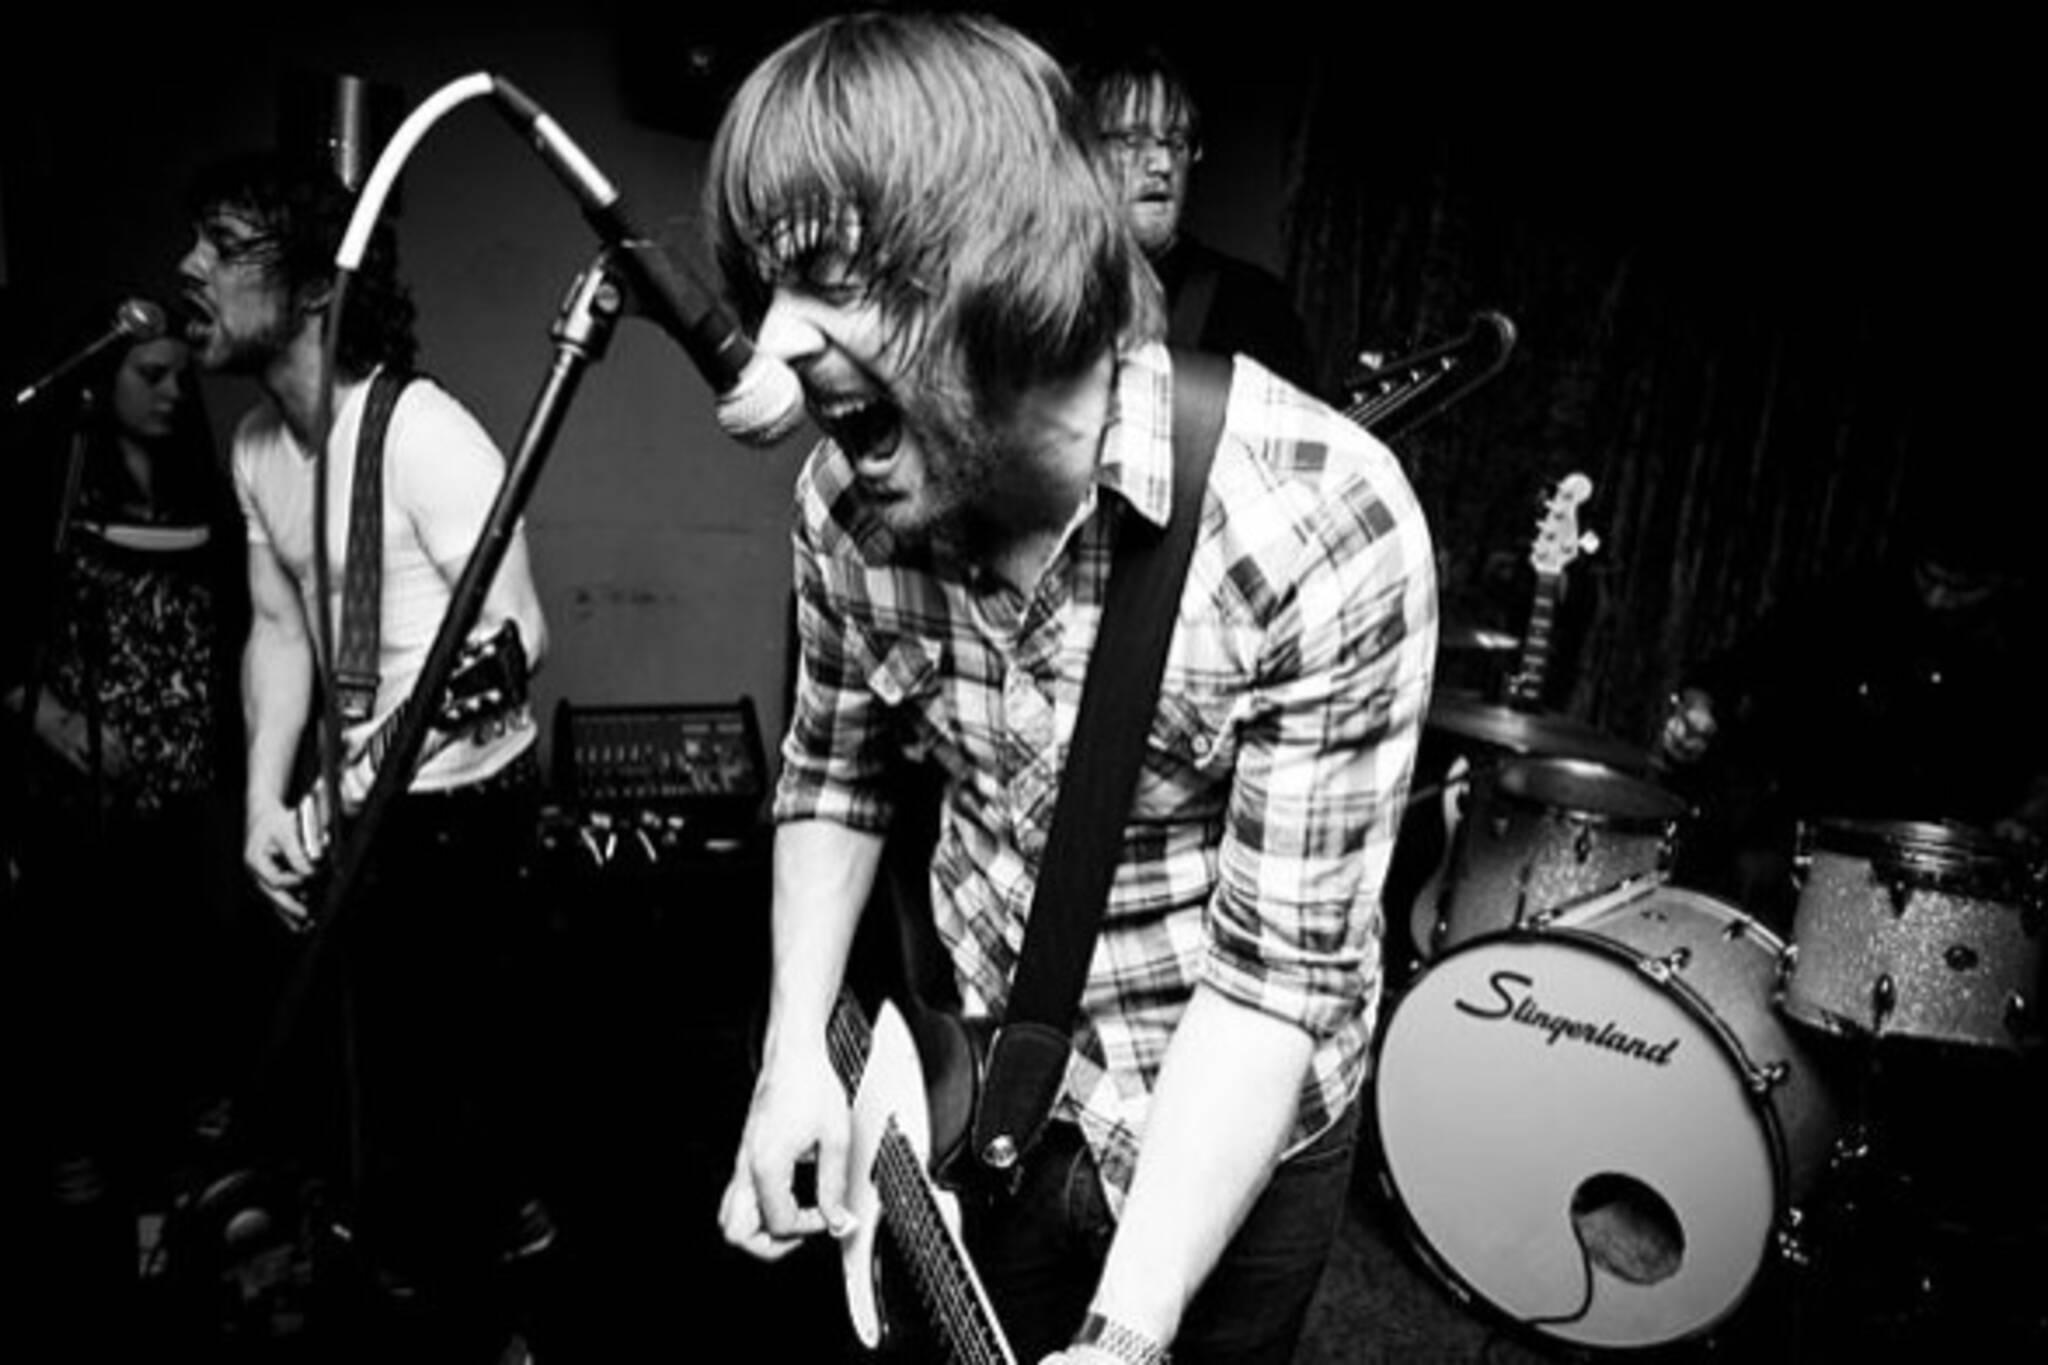 the Reason band